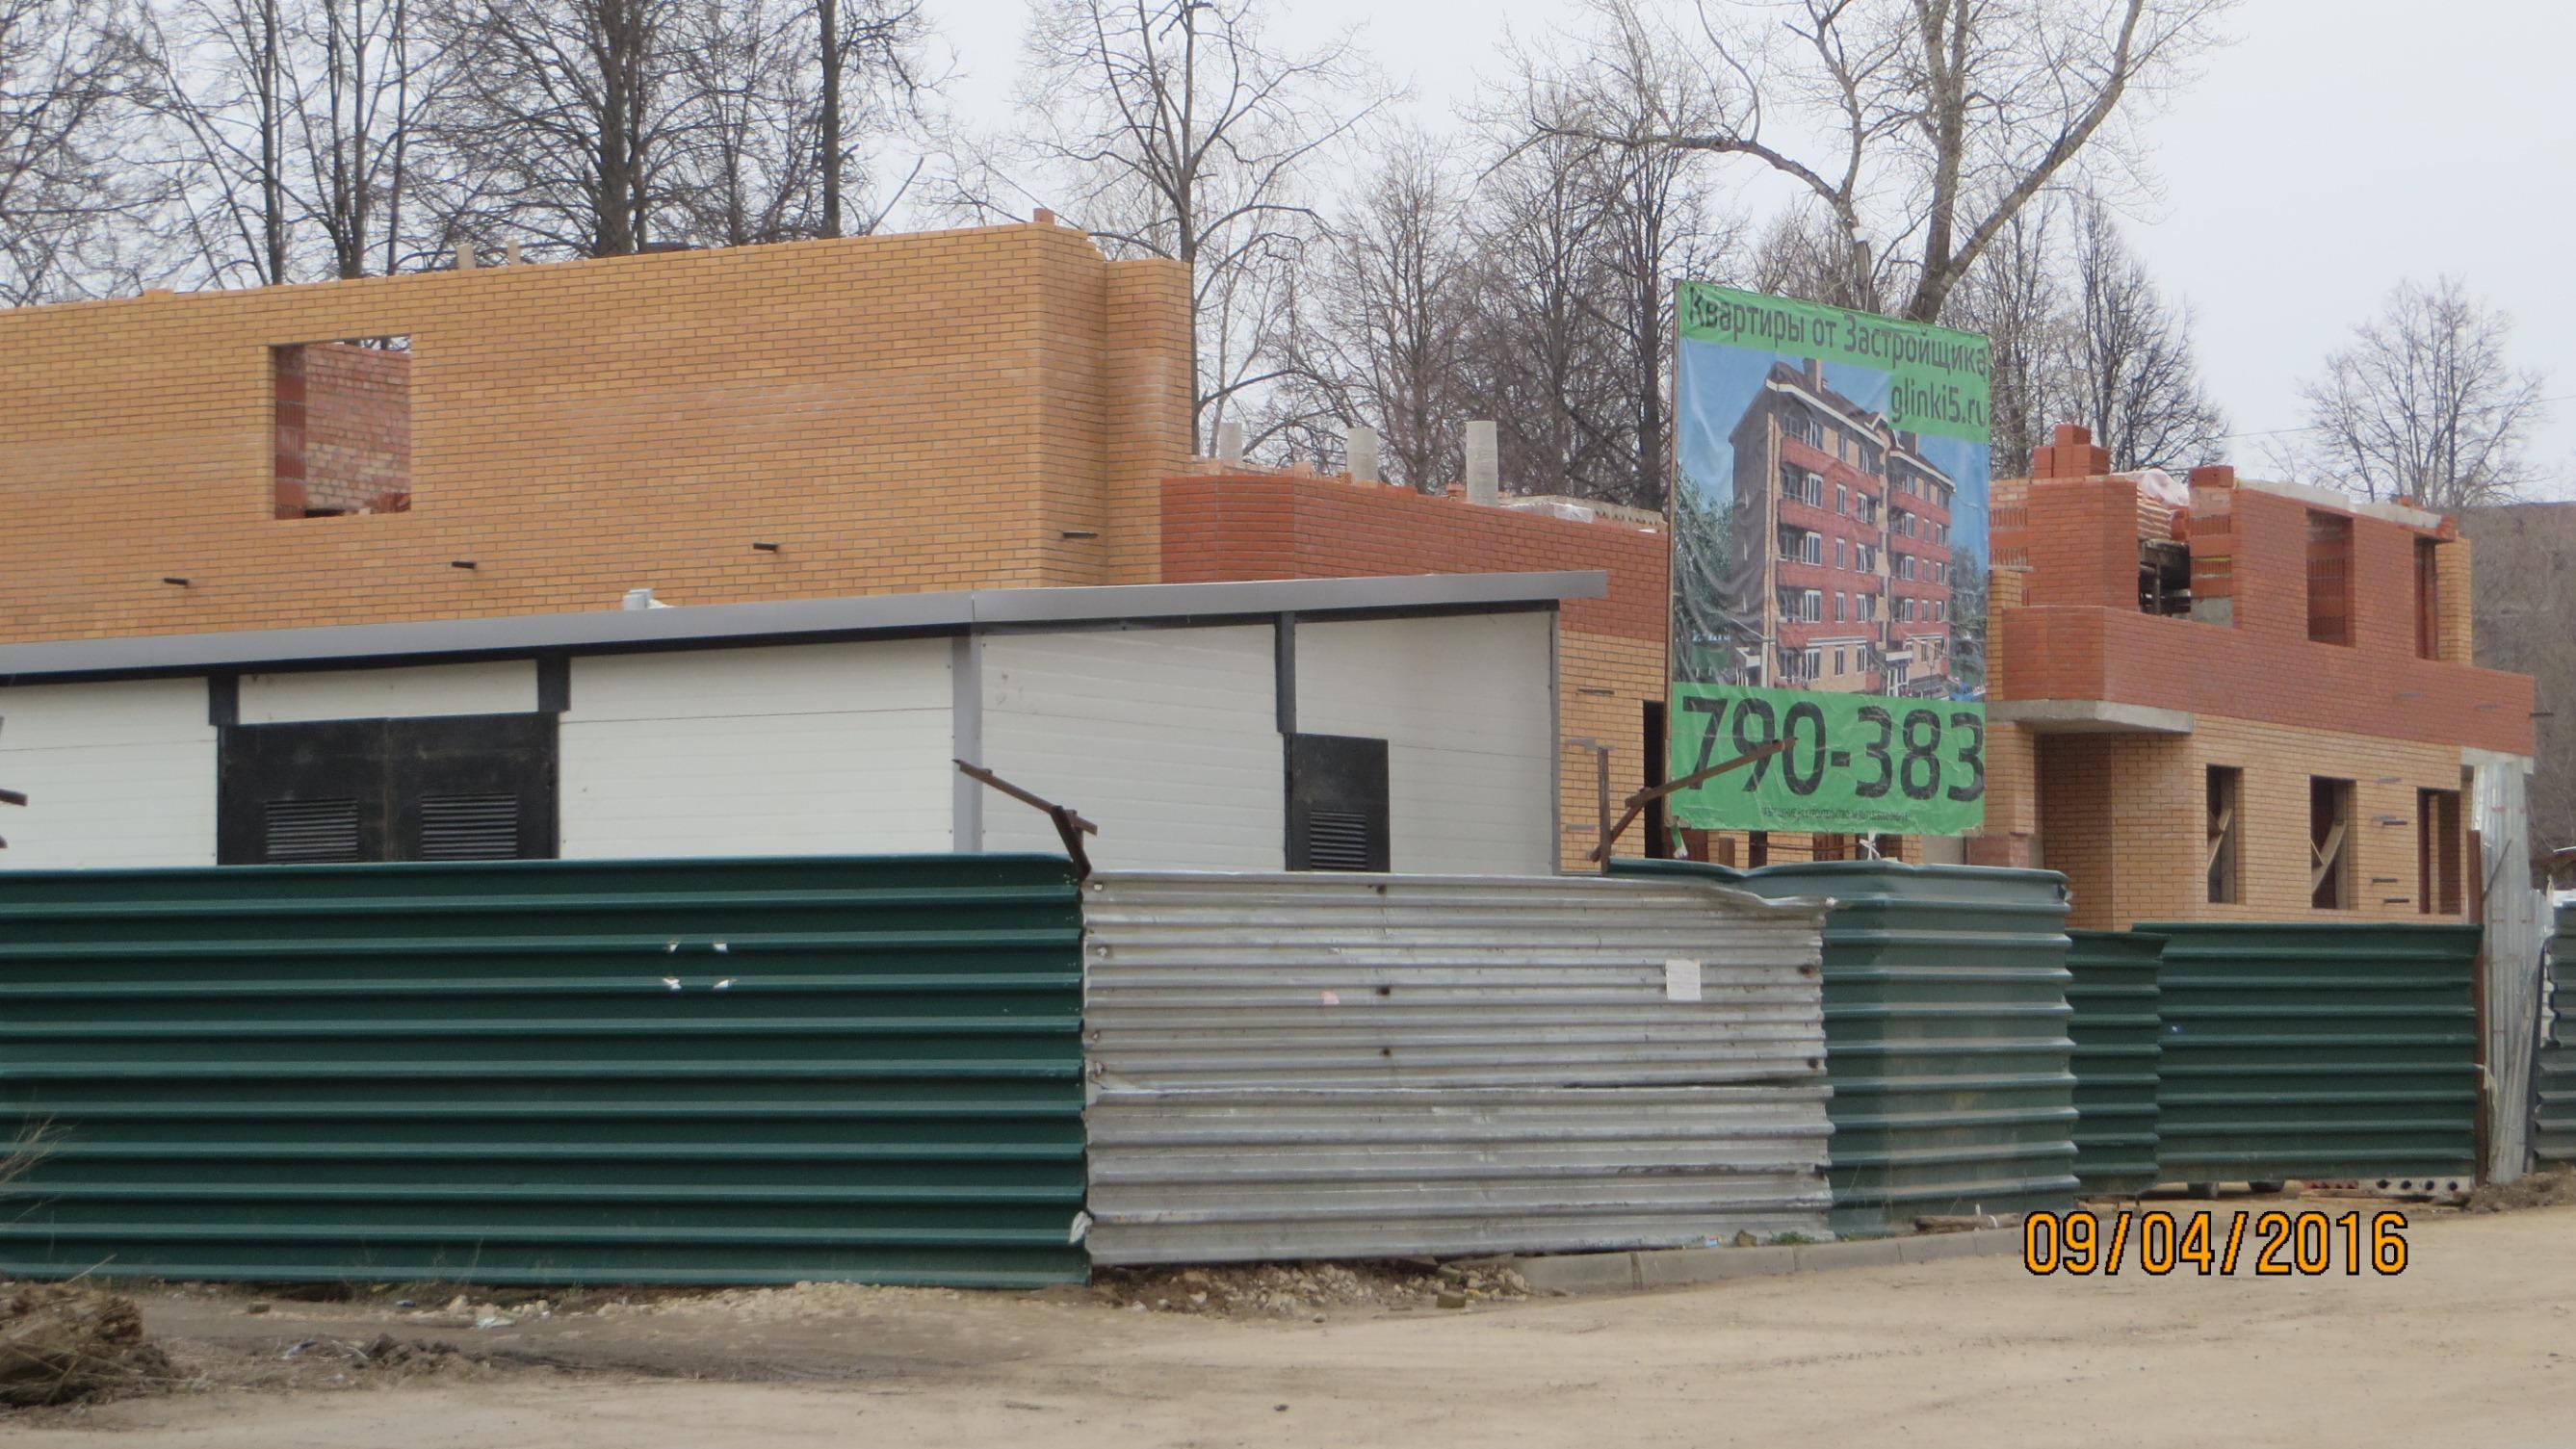 Фотографии дома по улице Глинки 5 г. Тула. ООО ИКС.